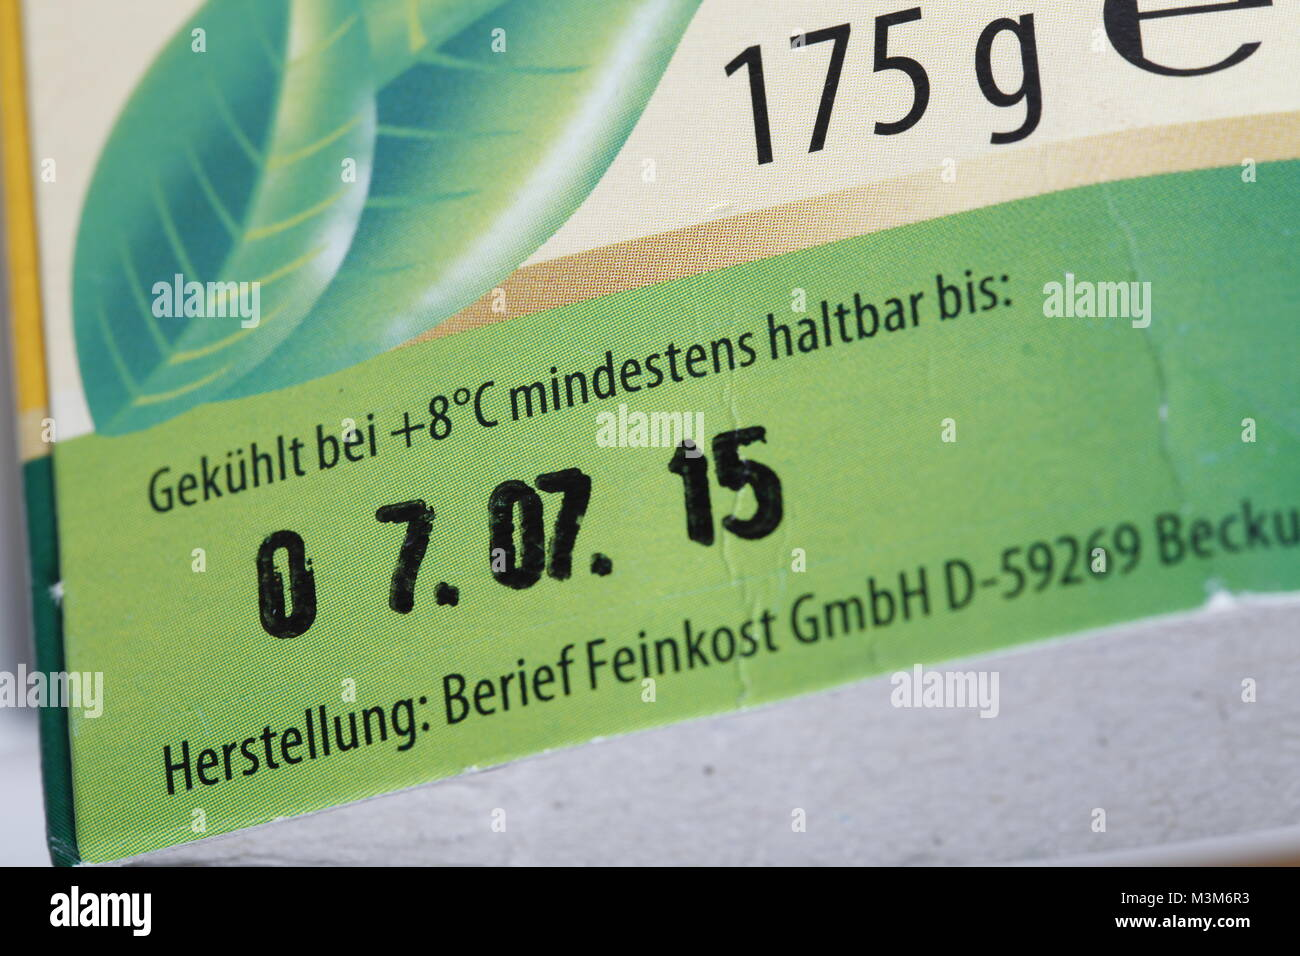 Mindesthaltbarkeitsdatum auf Verpackung Stock Photo - Alamy